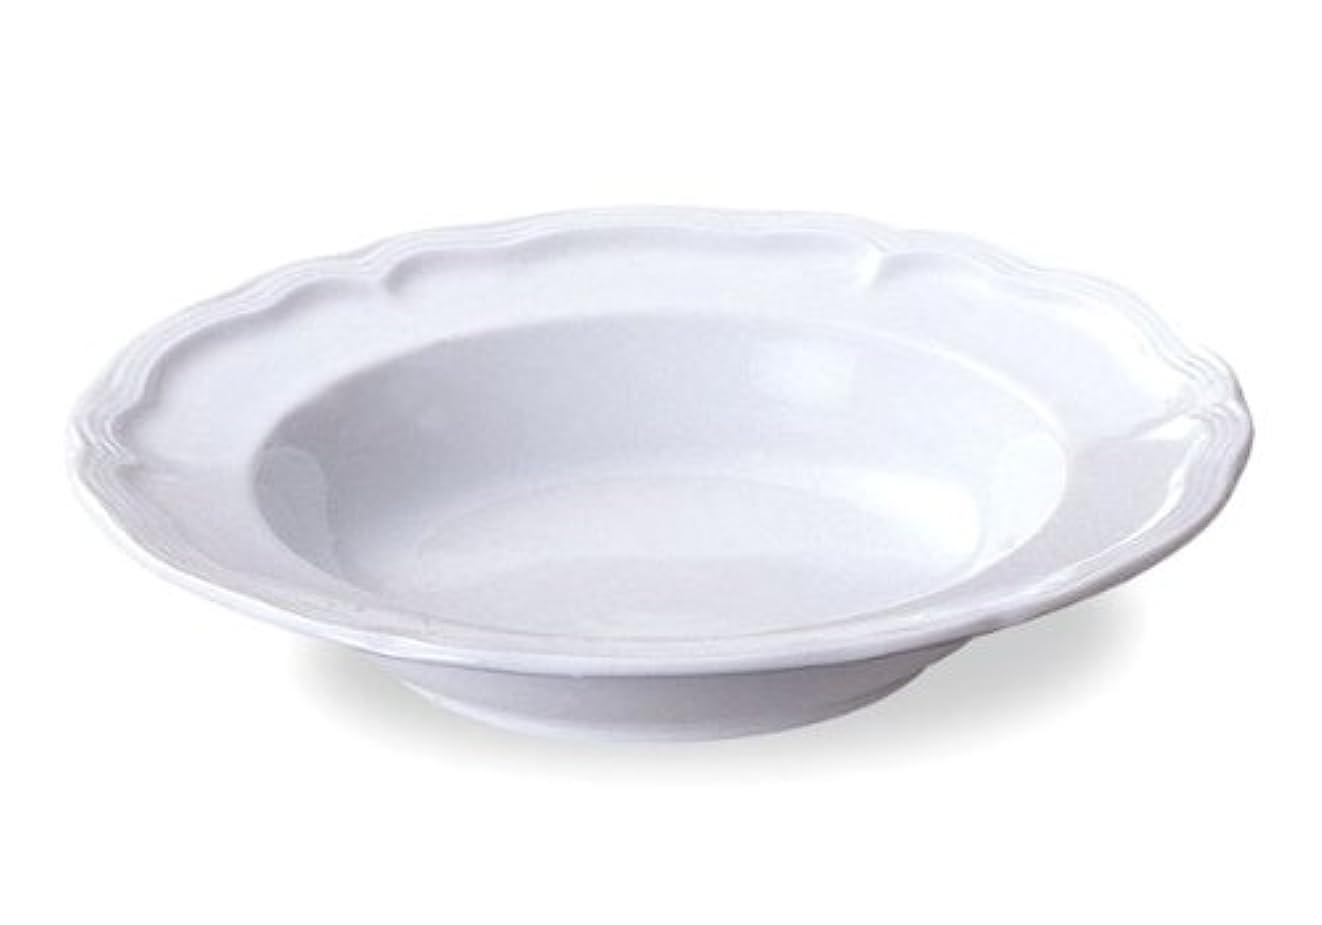 まつげ容疑者はぁスープ皿 深皿 24cmリムプレート ホワイト ルミネール 白磁 業務用食器 美濃焼